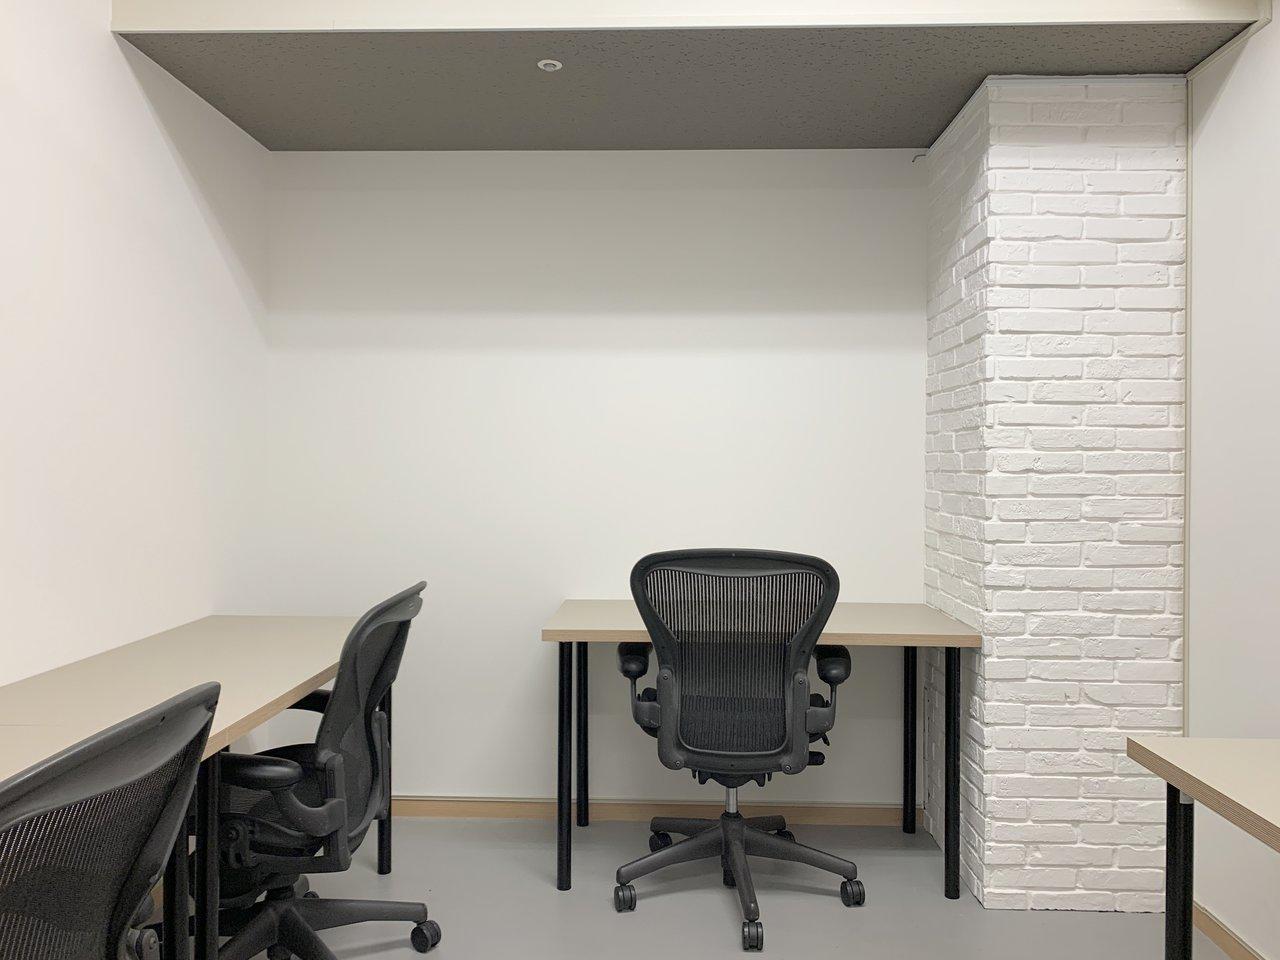 コワーキングラウンジの他には、2名~20名までの人数で利用できる個室オフィスも。デスク、椅子、キャビネットがセットアップされており、光回線のWiFiが使用可能なので、初期費用を抑えられるのが嬉しいポイントです。